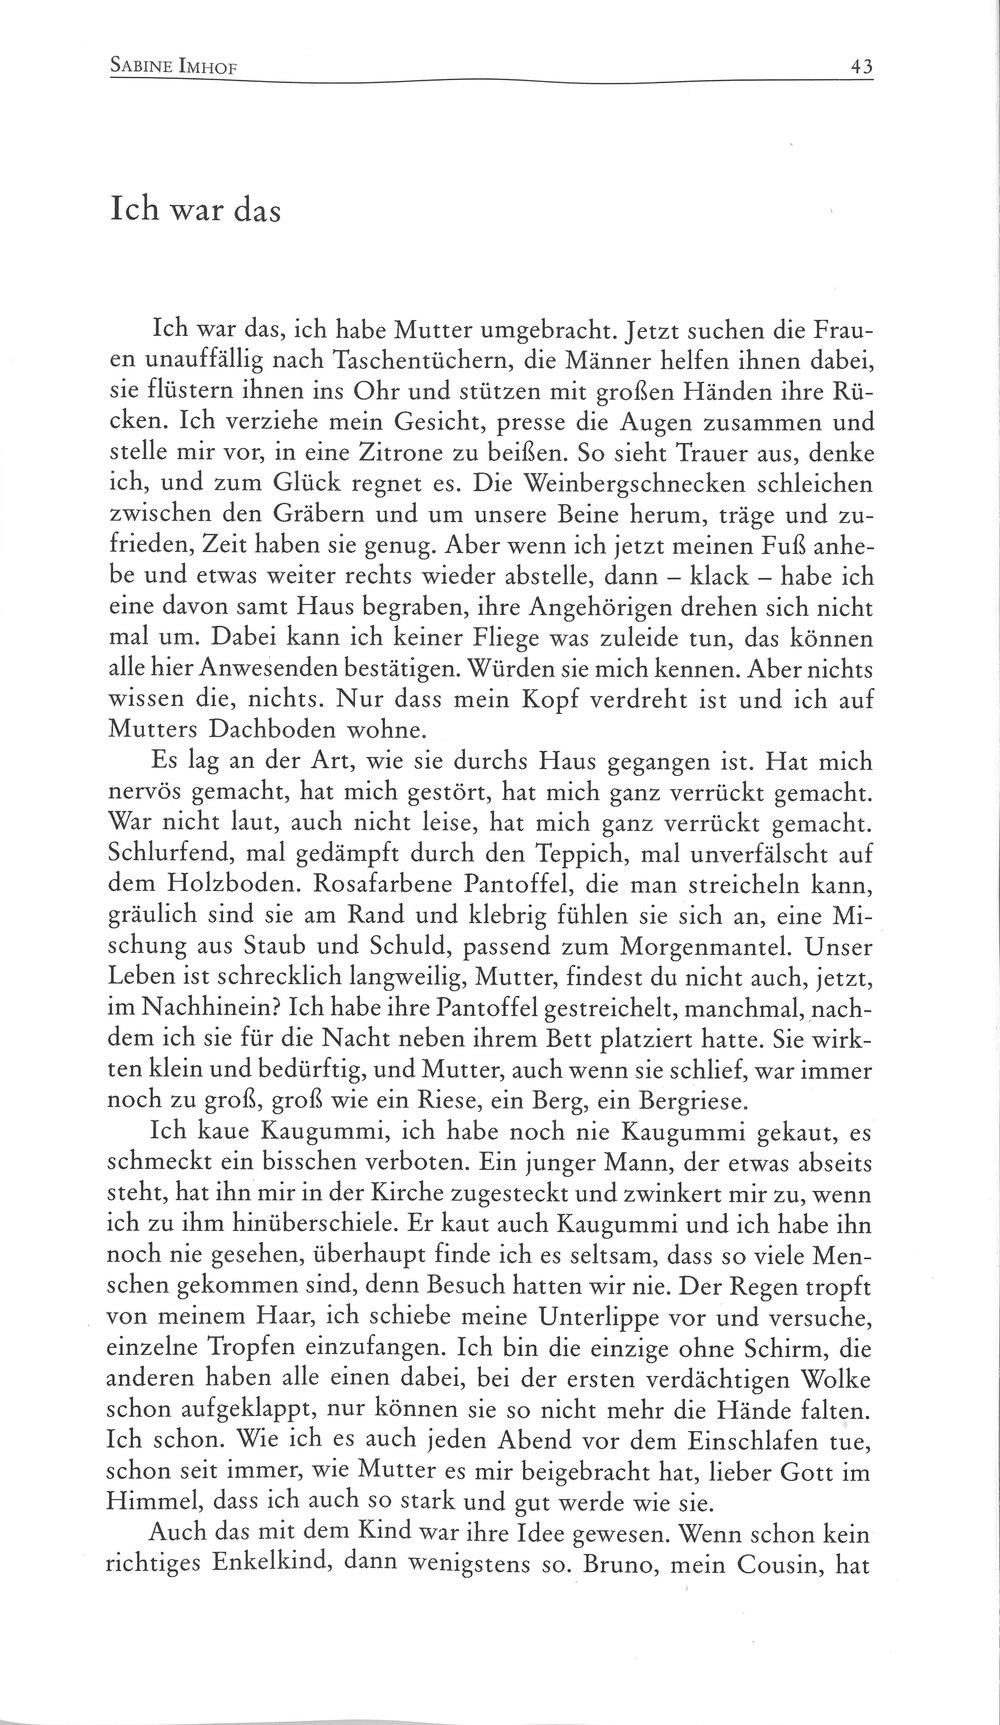 Freiberger Lesehefte_8_1:2_mini.jpg